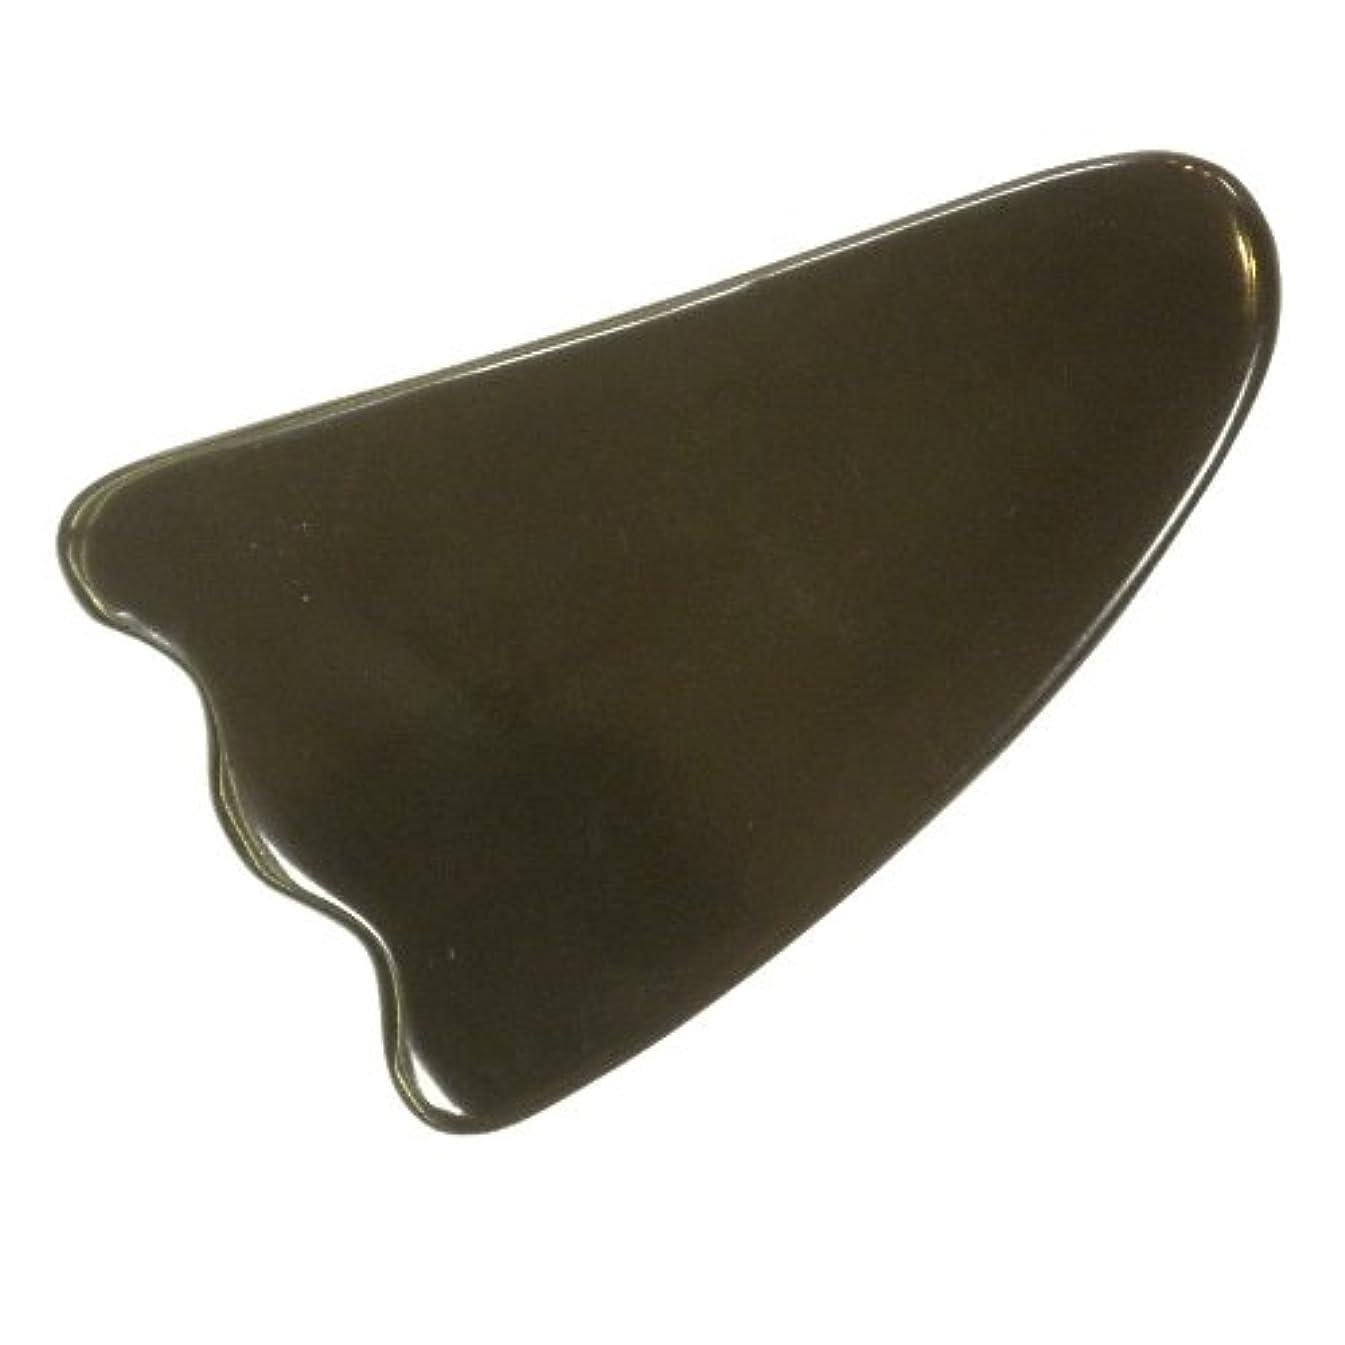 以降ぶどう変えるかっさ プレート 厚さが選べる 水牛の角(黒水牛角) EHE213SP 羽根型 特級品 厚め(7ミリ程度)